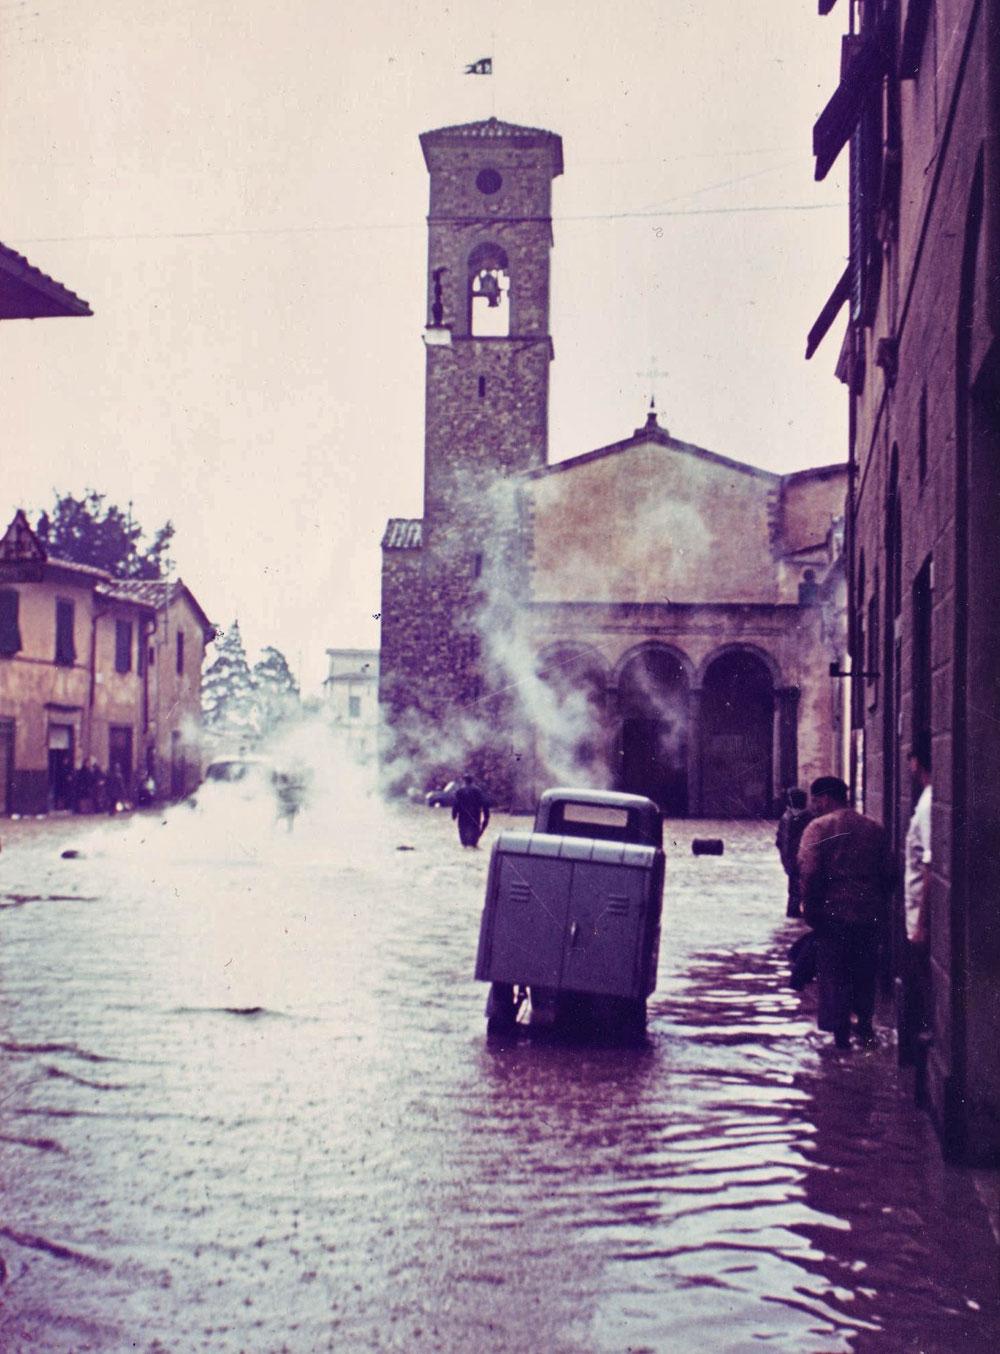 Parrocchia-San-Salvi-alluvione-66-Archivio-Firenze-Promuove